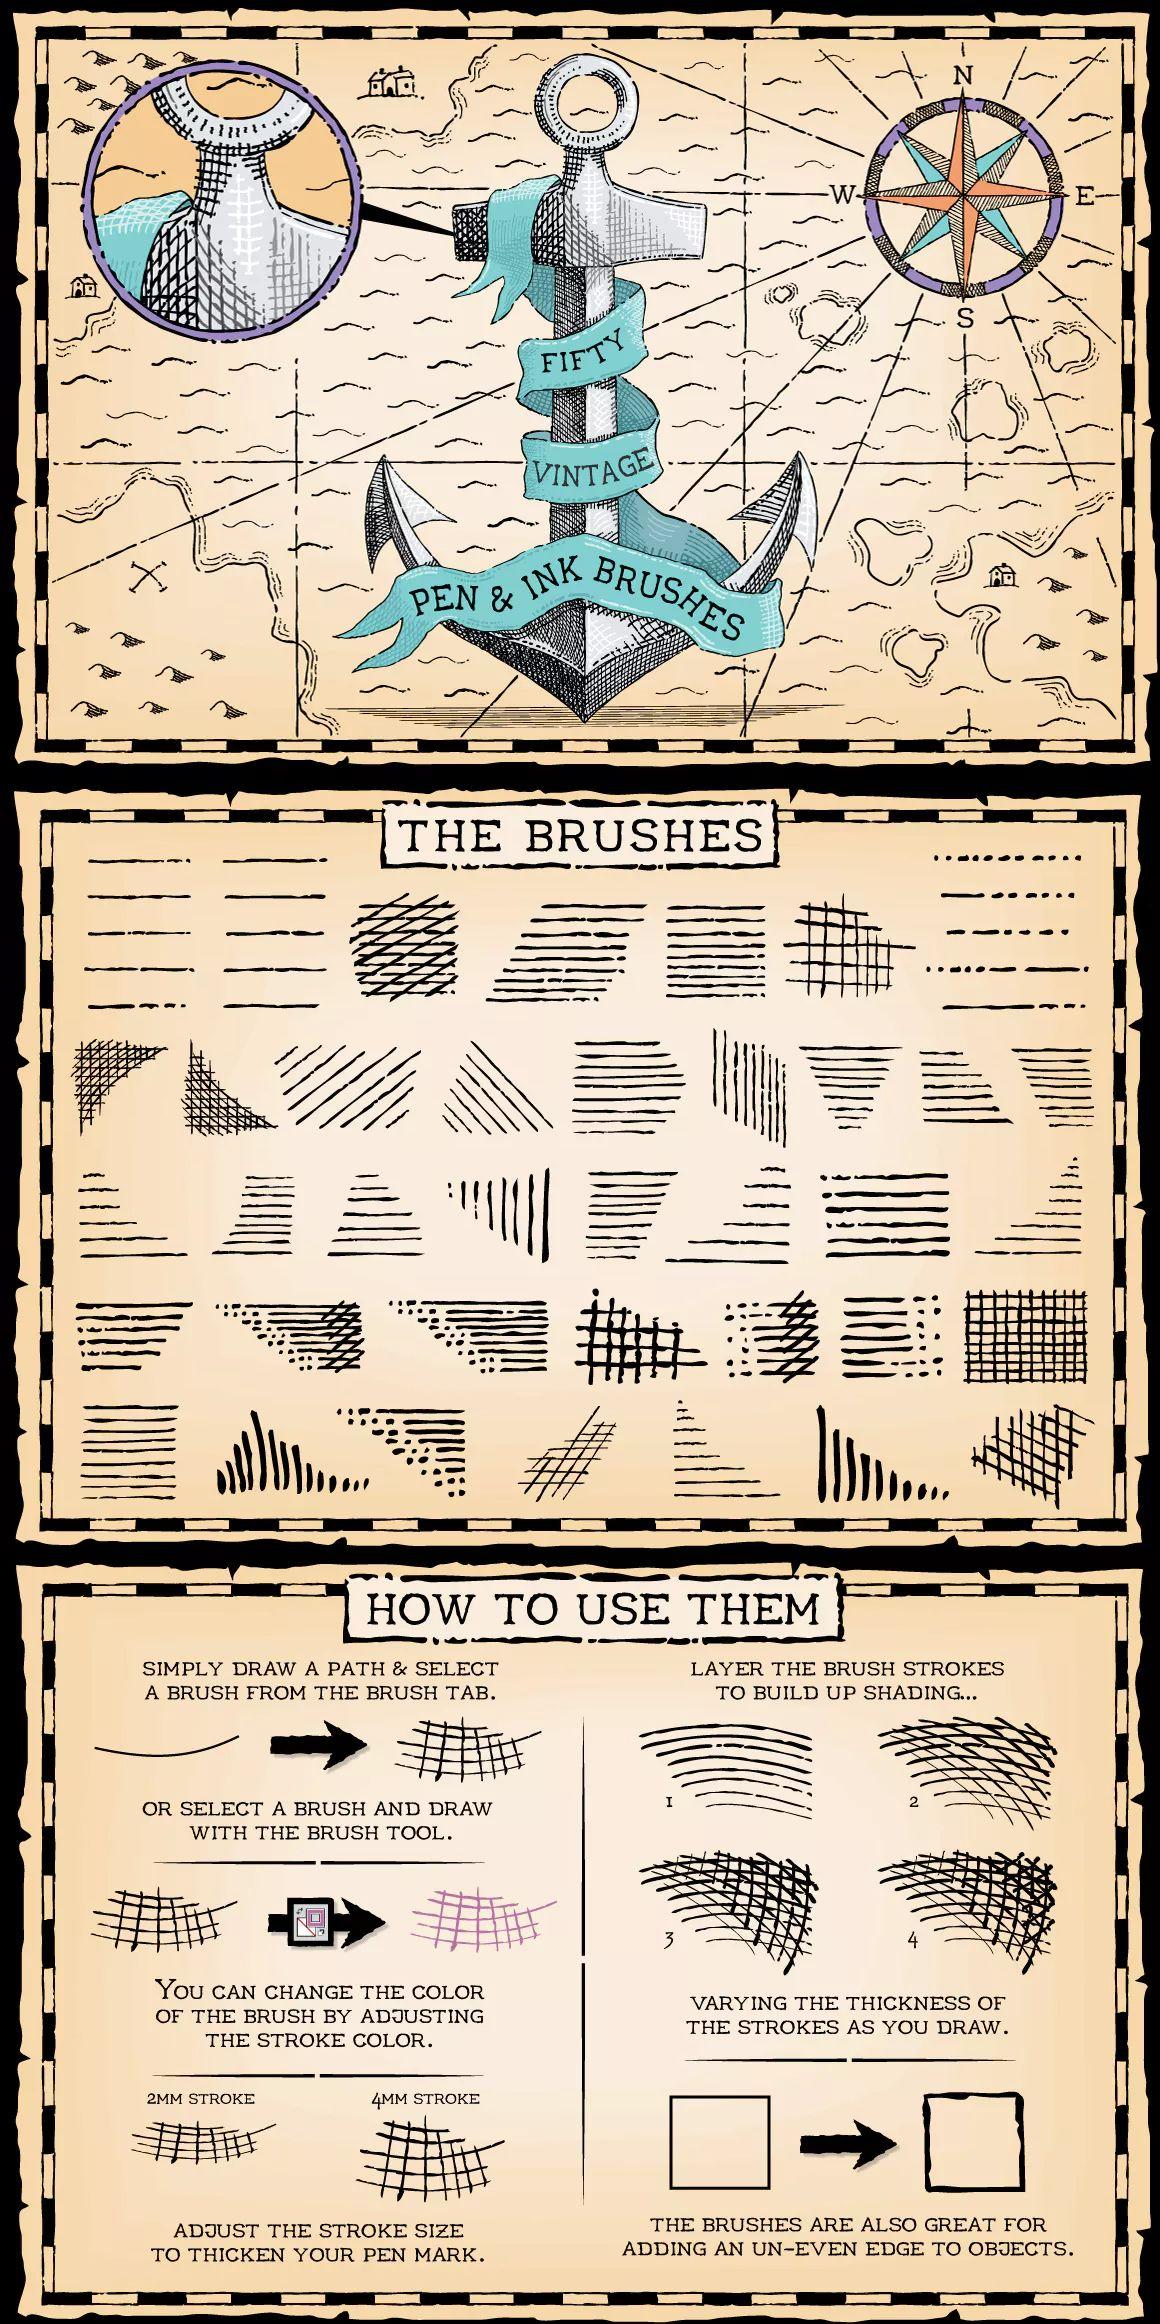 Vintage Pen and Ink Brushes for Adobe Illustrator